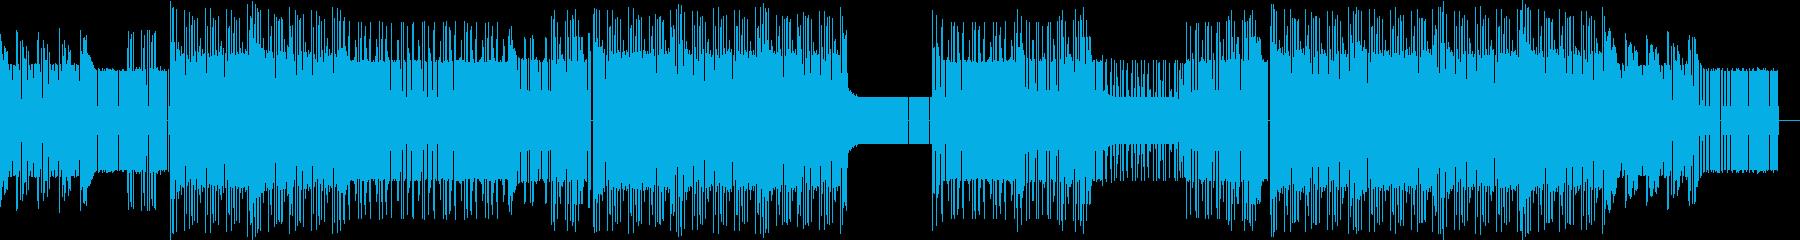 おしゃれなファミコン風チップチューンの再生済みの波形